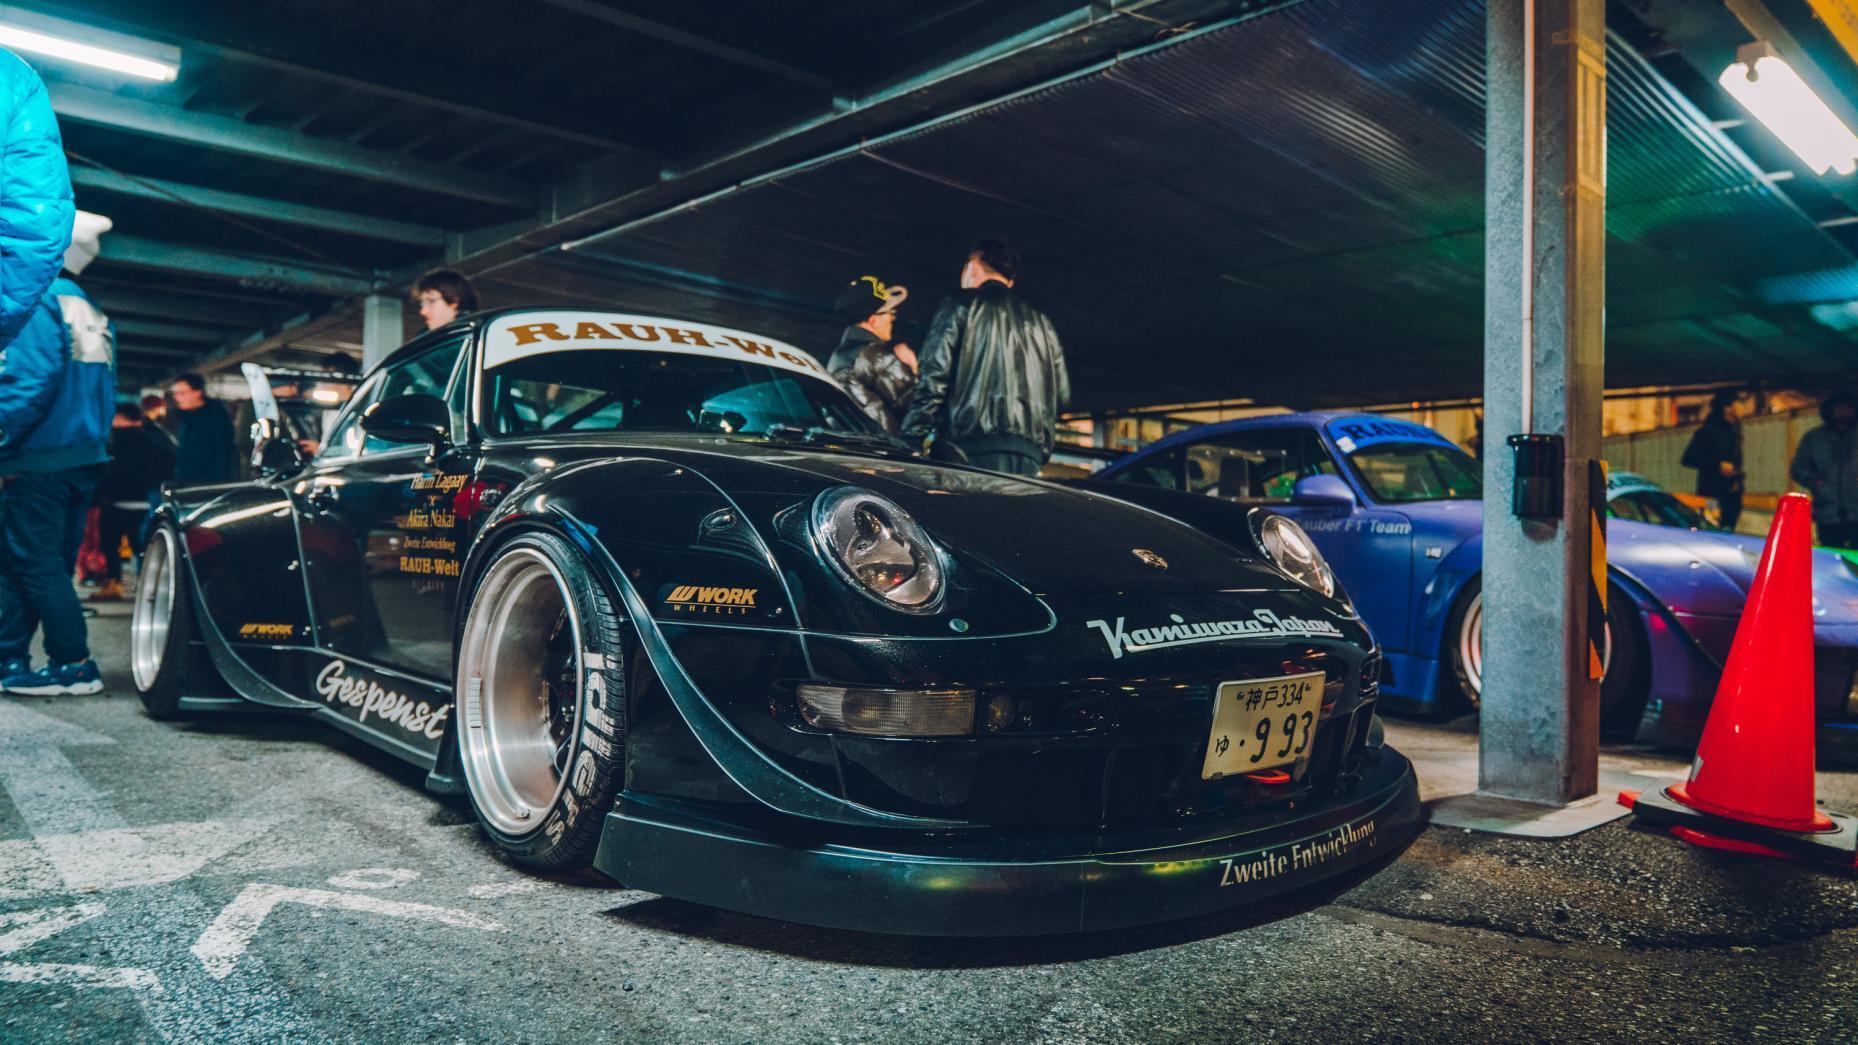 RWB-Porsches Rauh Welt BegriffRWB-Porsches Rauh Welt Begriff